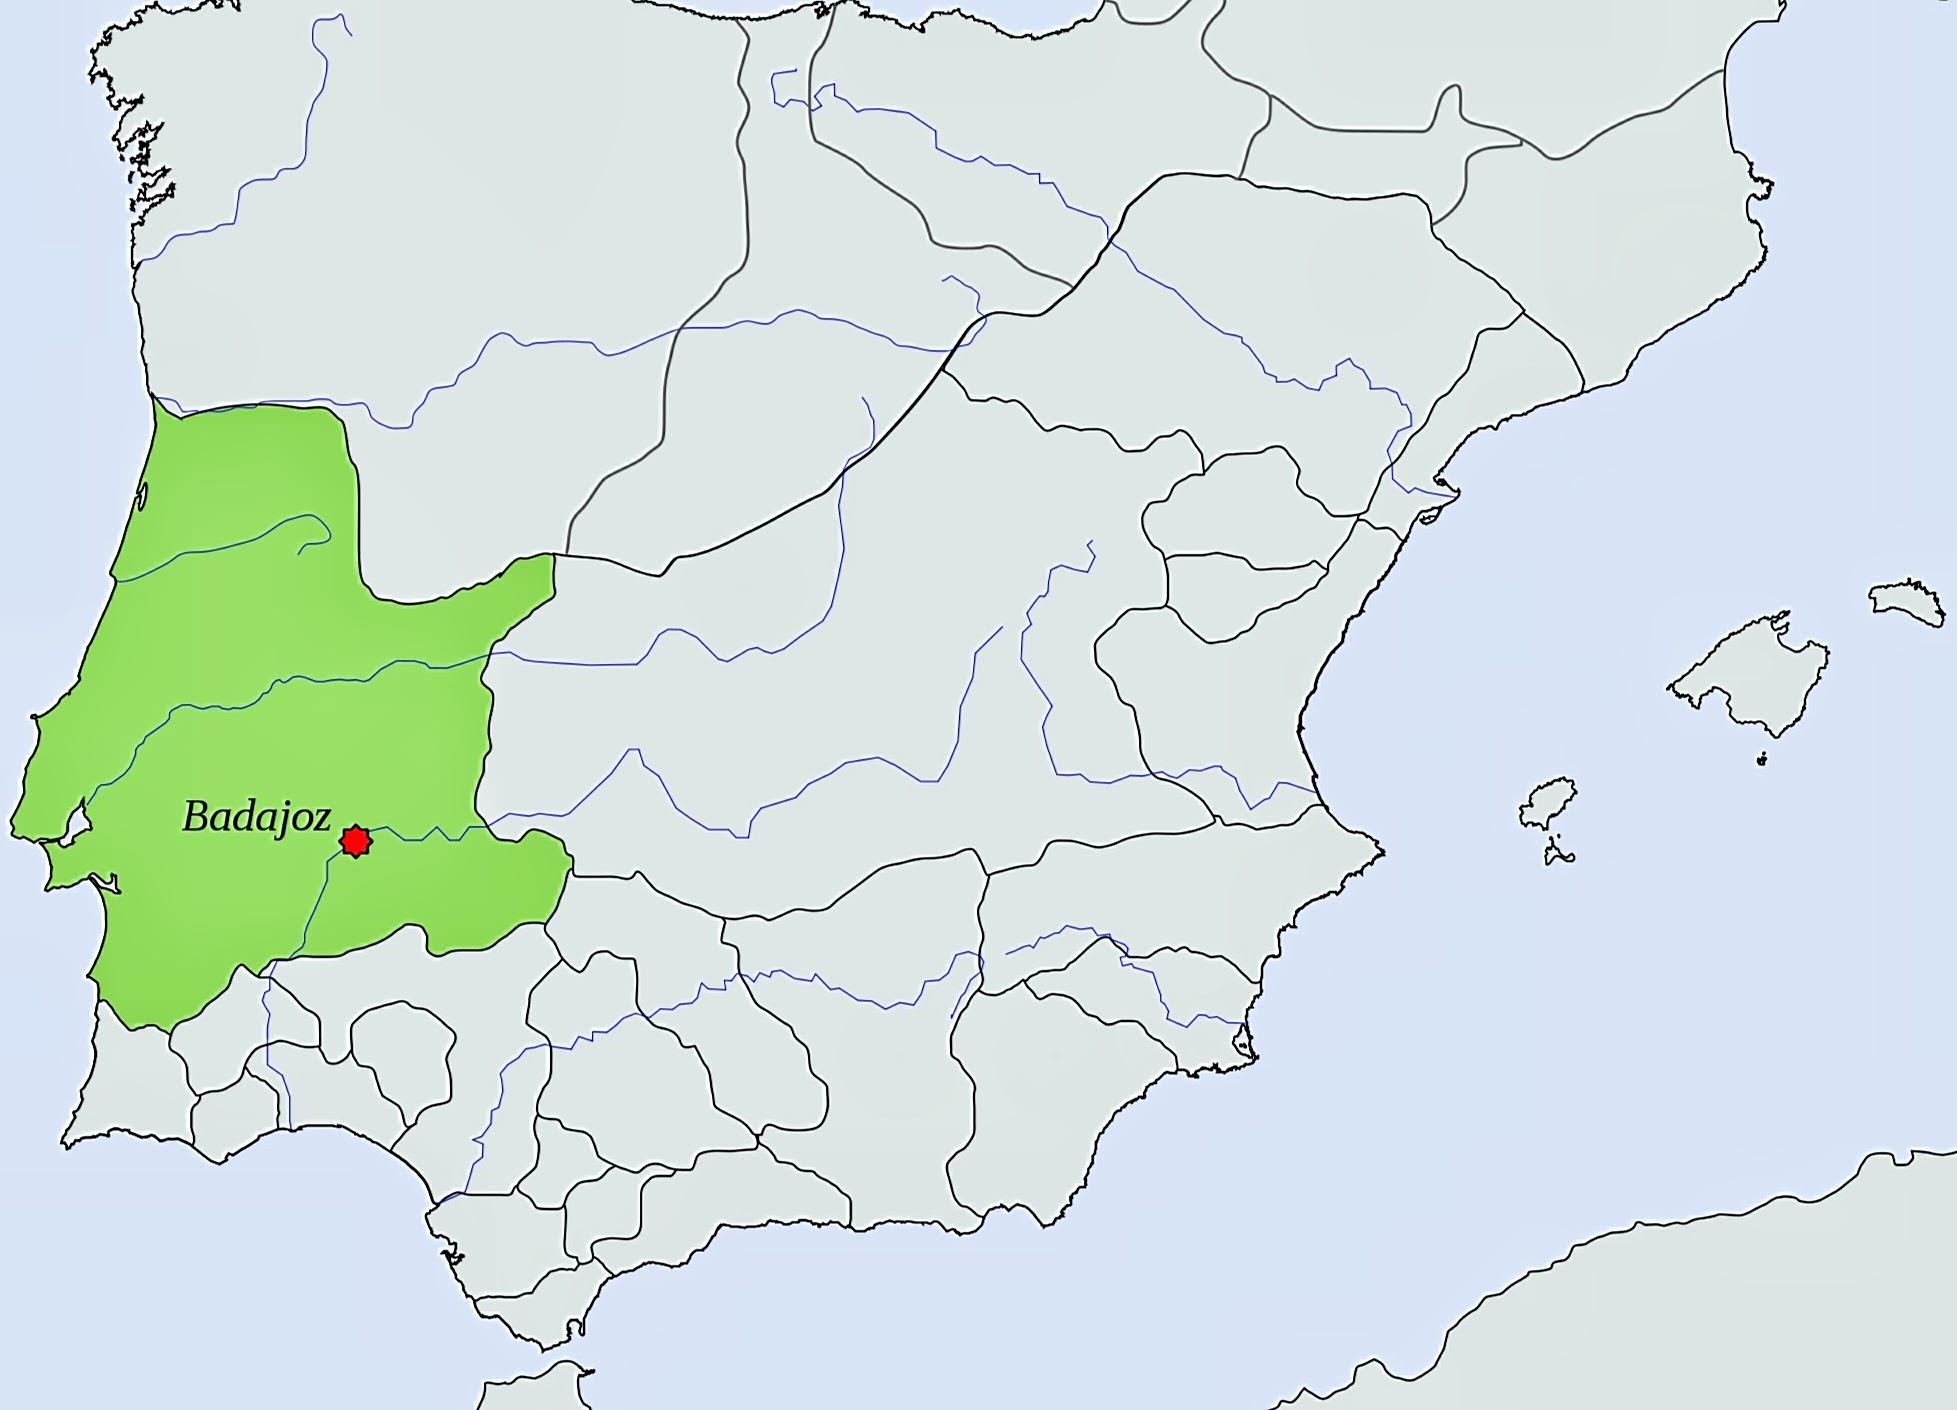 Taifa de Badajoz